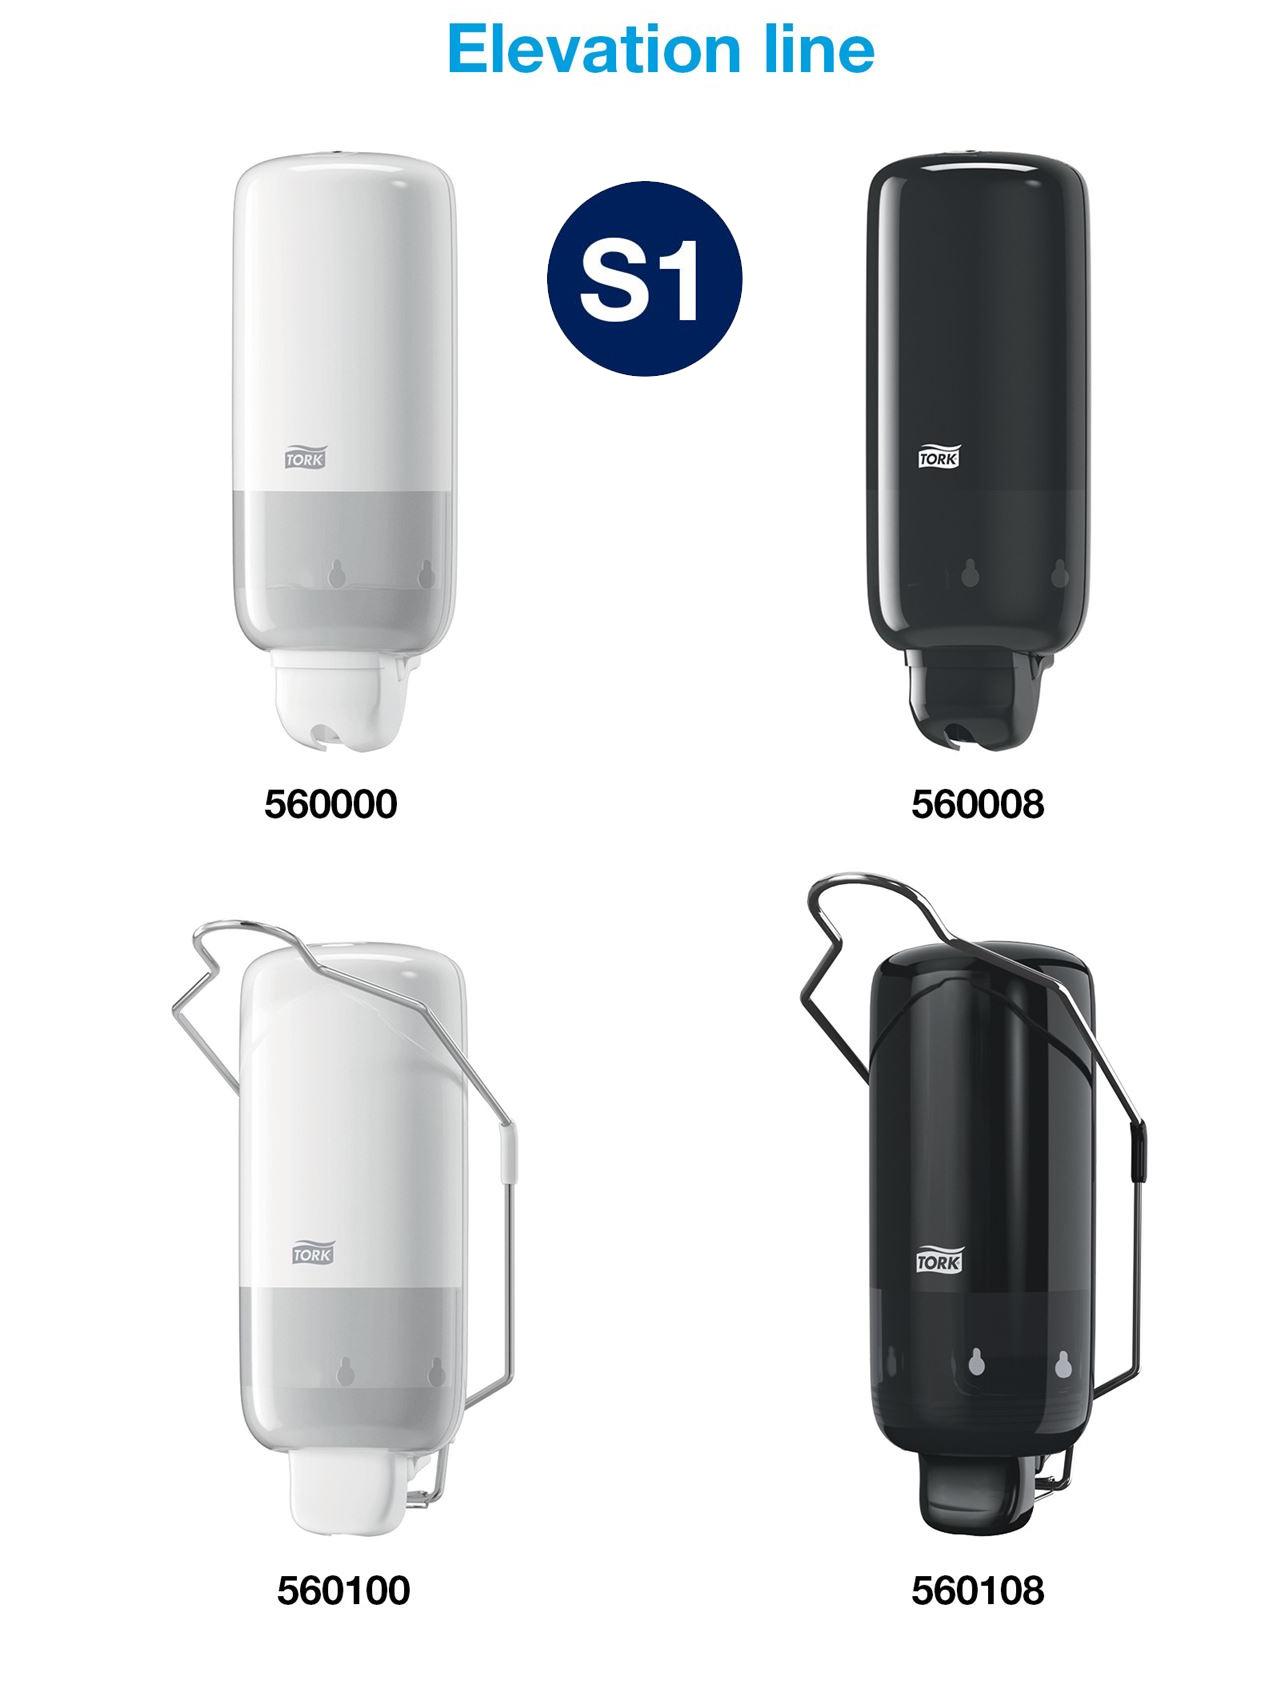 Диспенсер для жидкого мыла с локтевым приводом Elevation, пластик, (S1), черн. Tork - фото 5